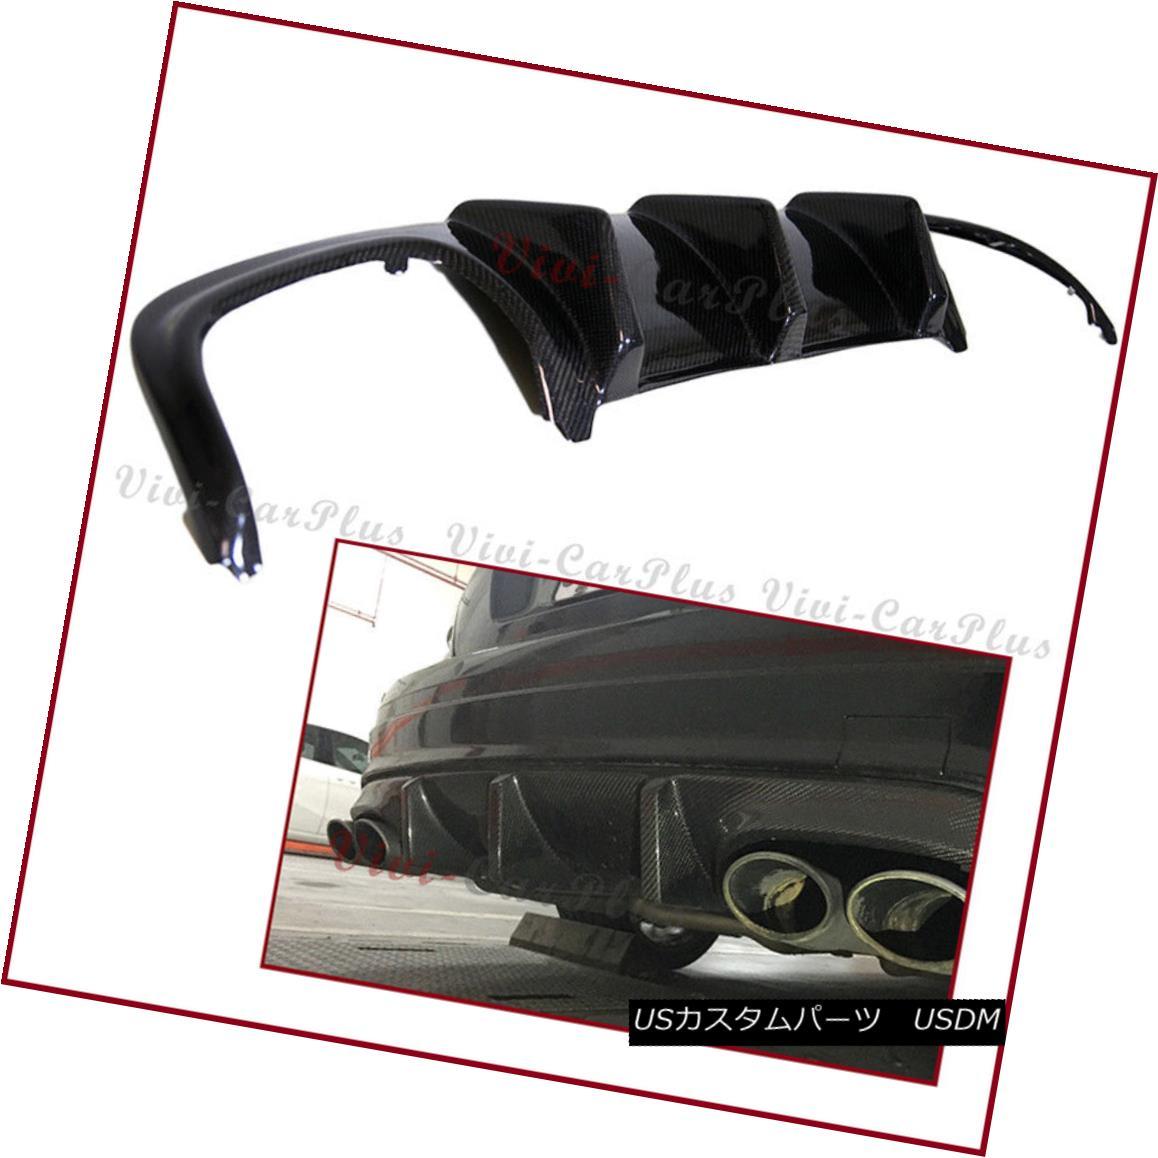 エアロパーツ For 08-11 W204 C350 C63 C300 Sedan JDM Type AMG Bumper Use Carbon Fiber Diffuser 08-11 W204 C350 C63 C300セダンJDMタイプAMGバンパー用カーボンファイバーディフューザー